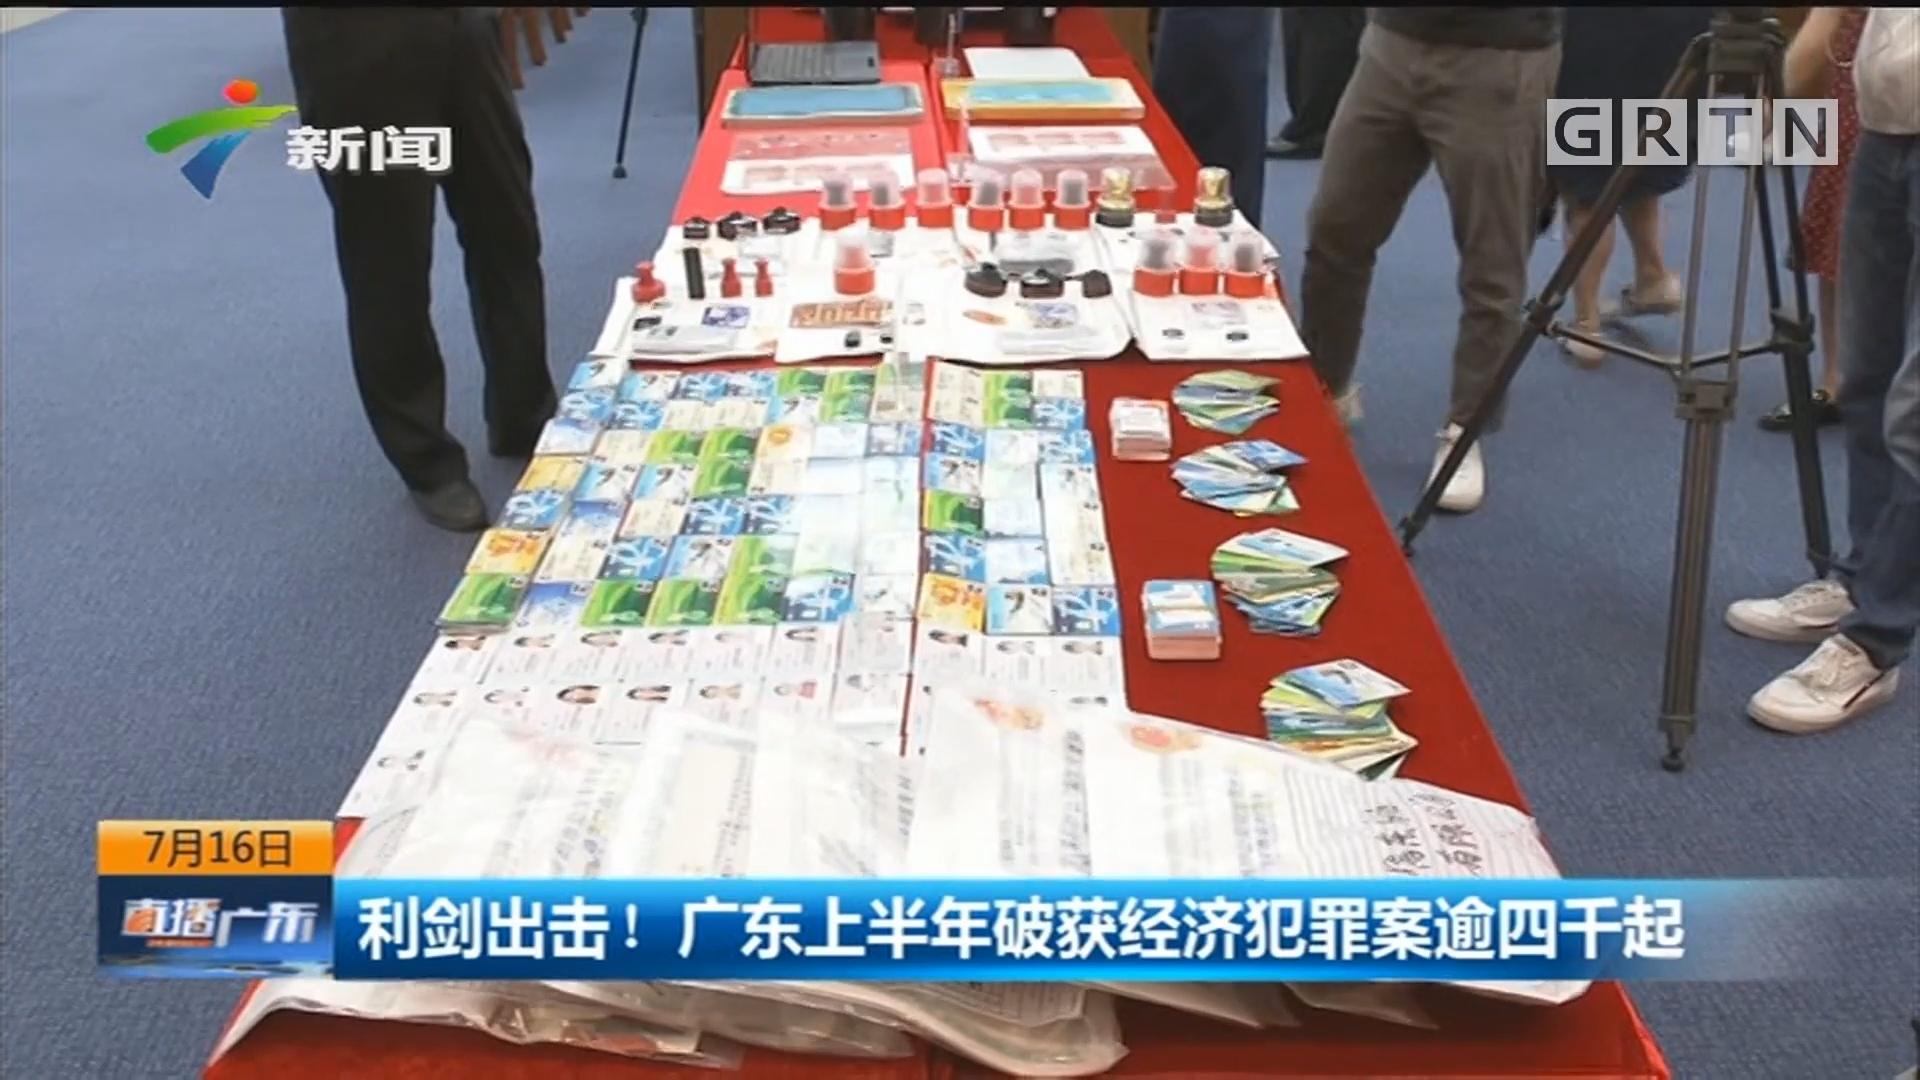 利剑出击!广东上半年破获经济犯罪案逾四千起